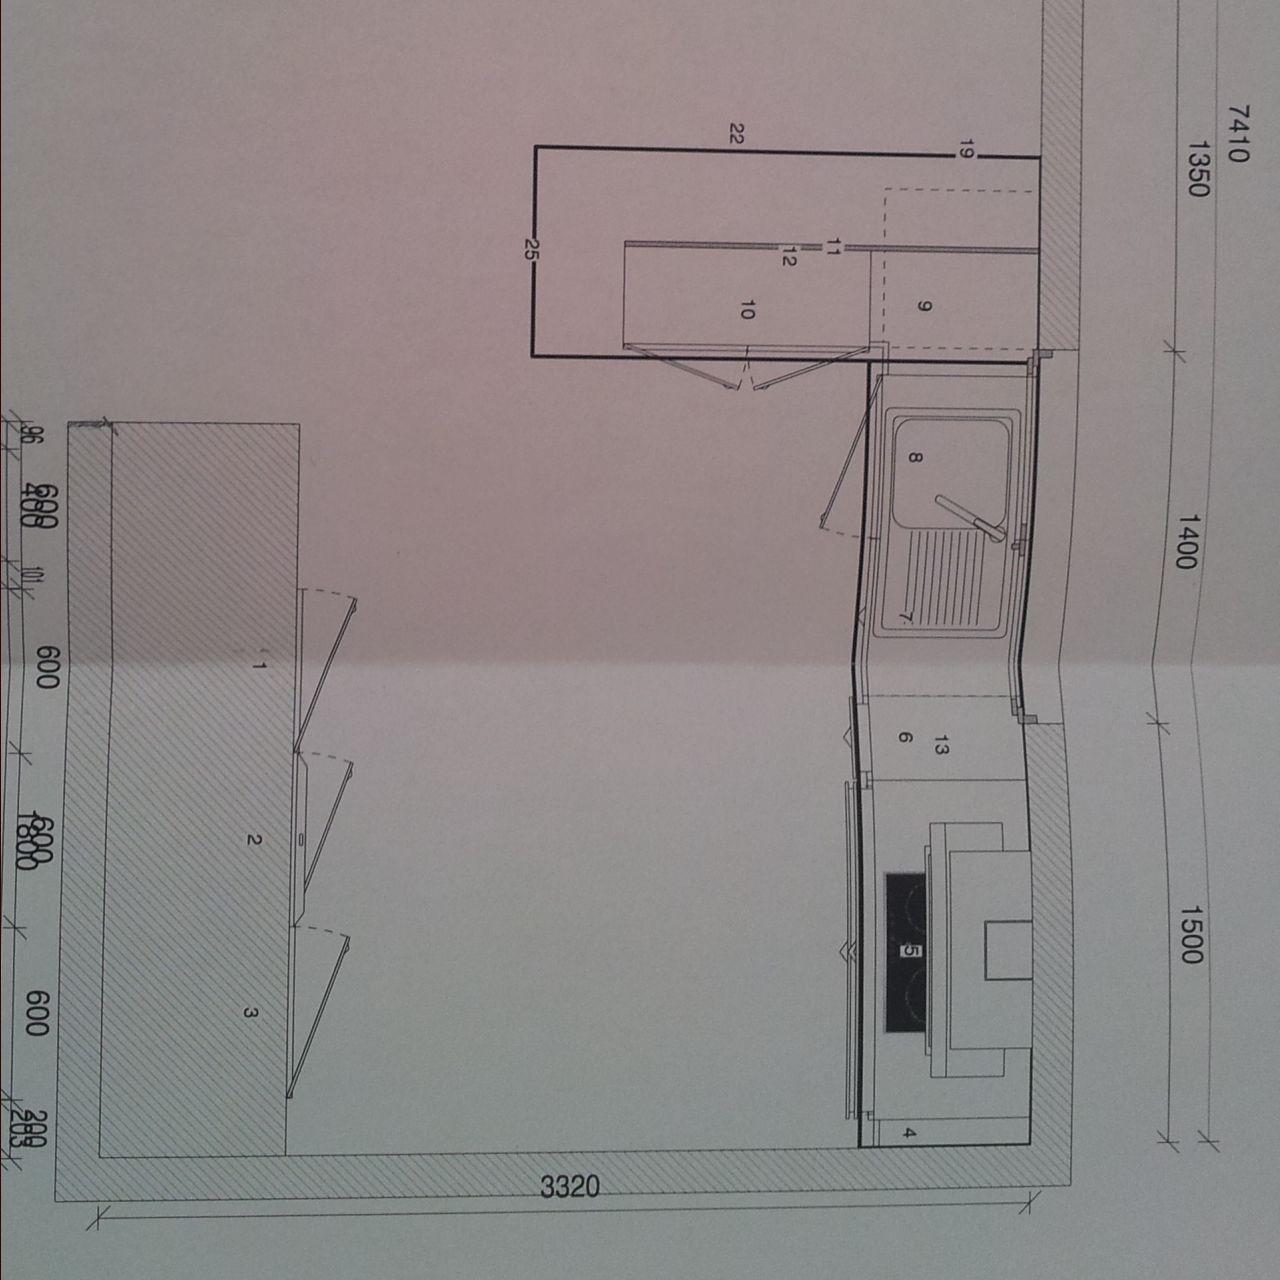 Plan de notre future cuisine ouverte (Cuisinella)